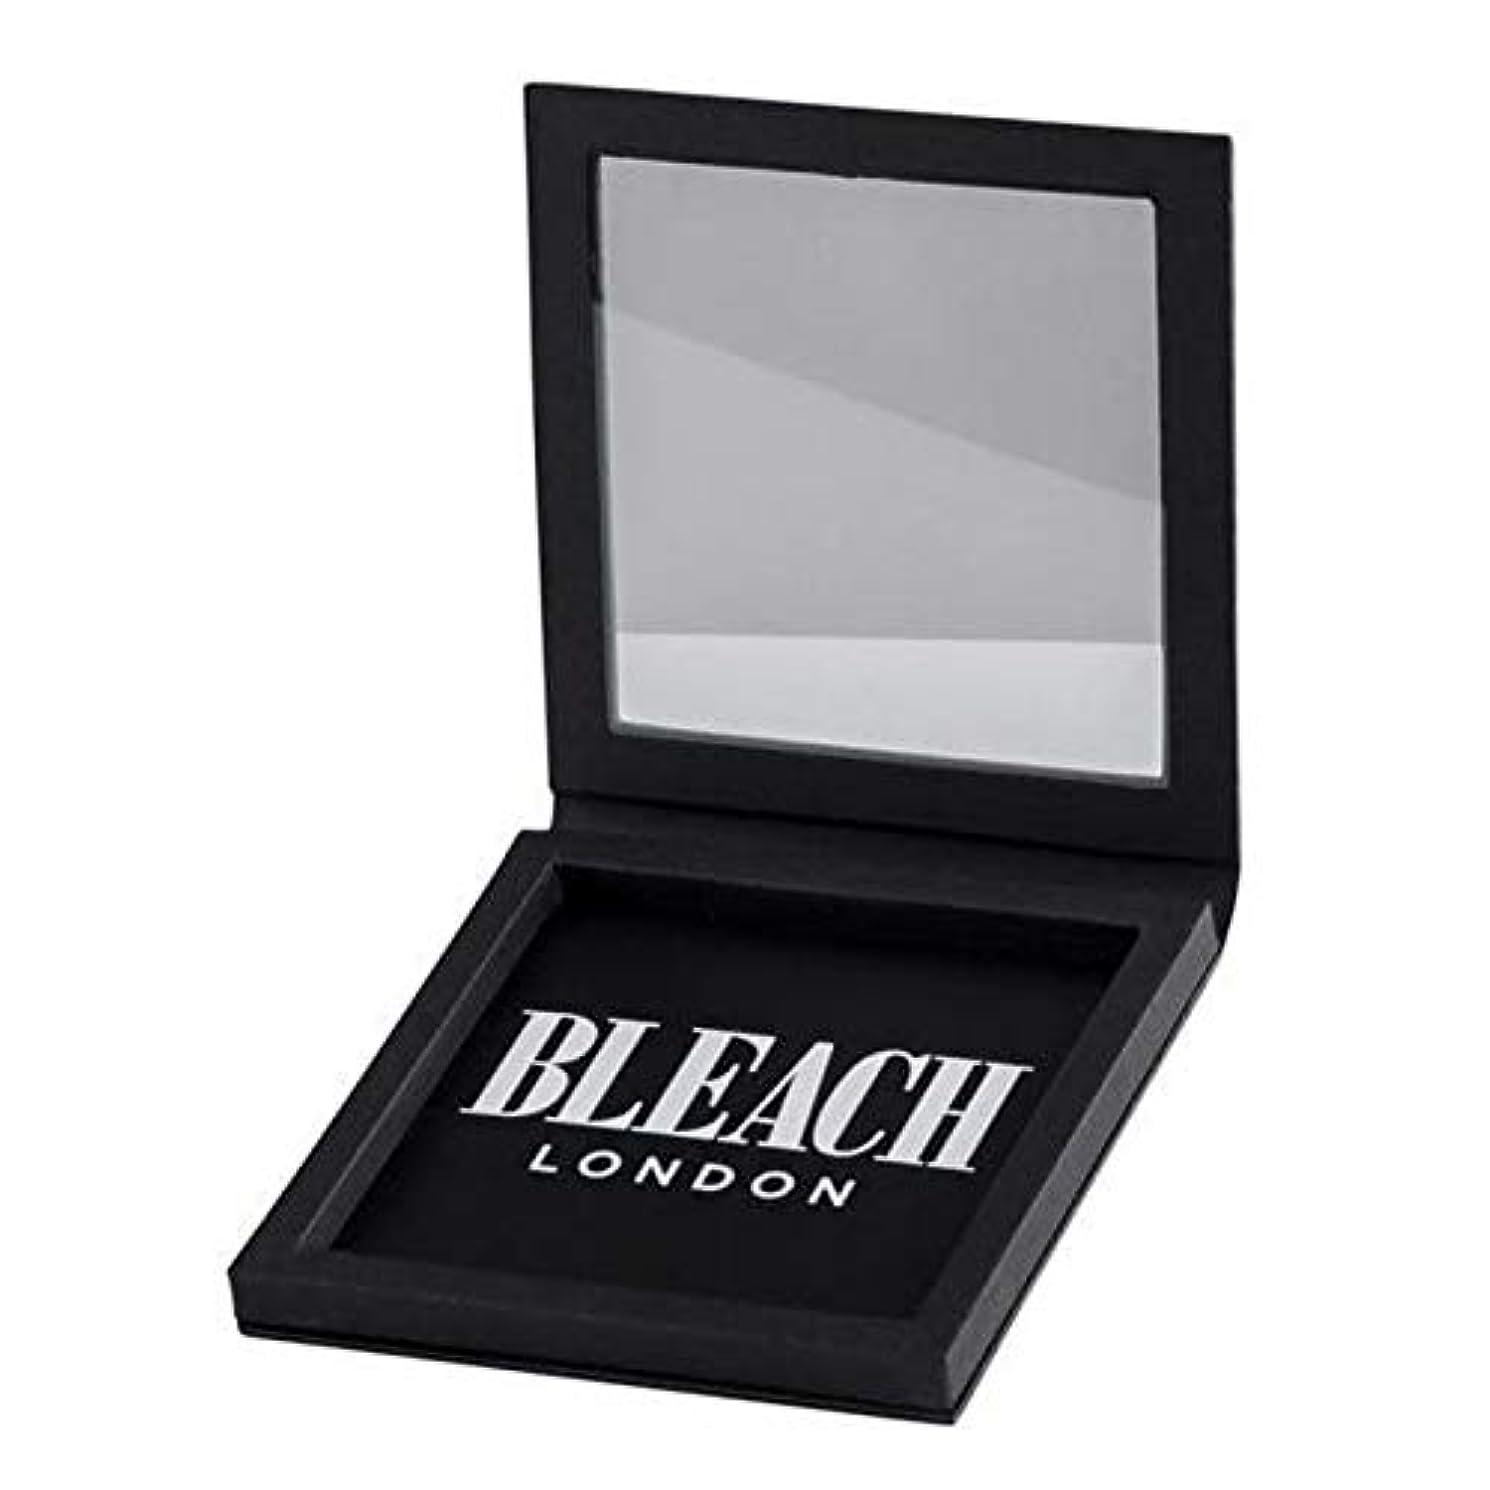 ローマ人花輪いたずら[Bleach London ] 小さなパレットByo漂白ロンドン - Bleach London BYO Palette Small [並行輸入品]